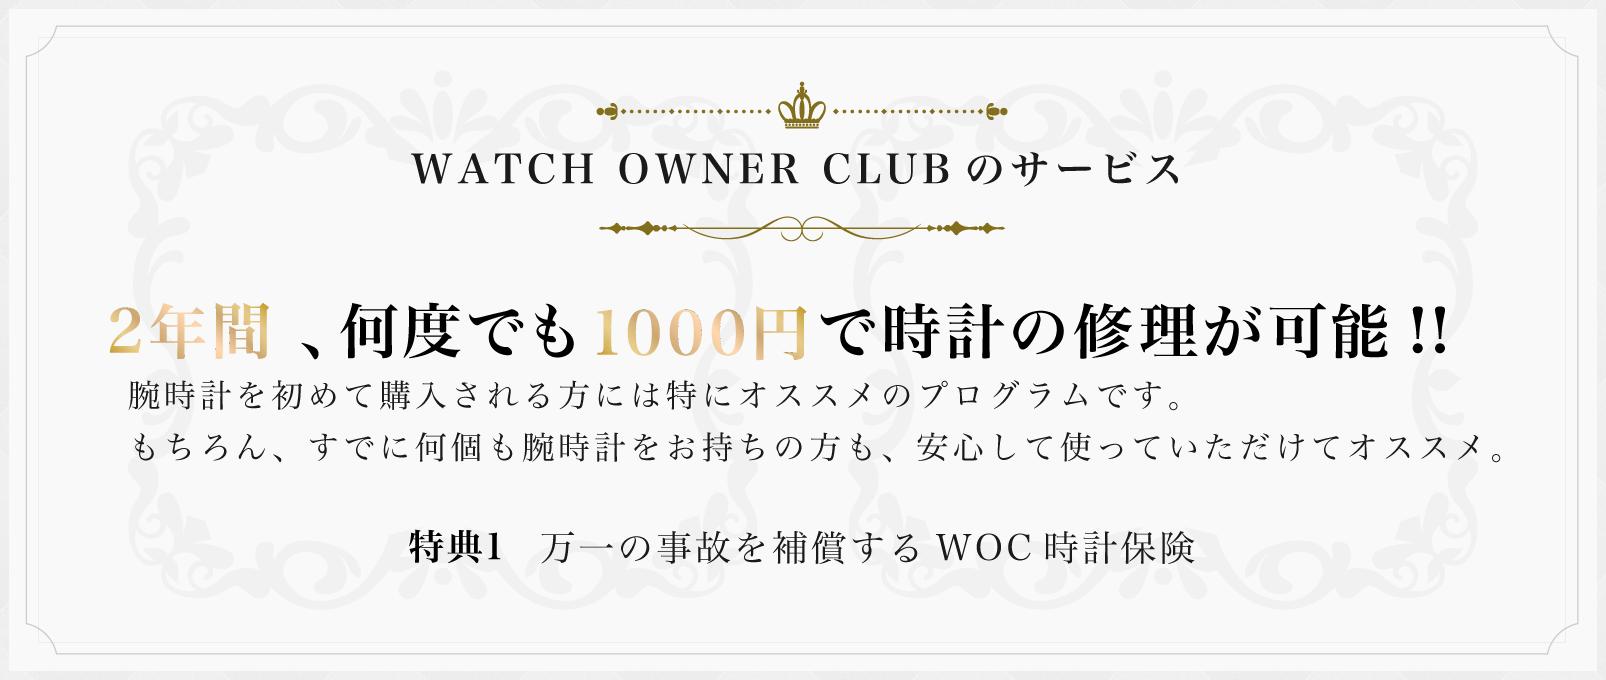 2年間、何度でも1000円で時計の修理が可能!!